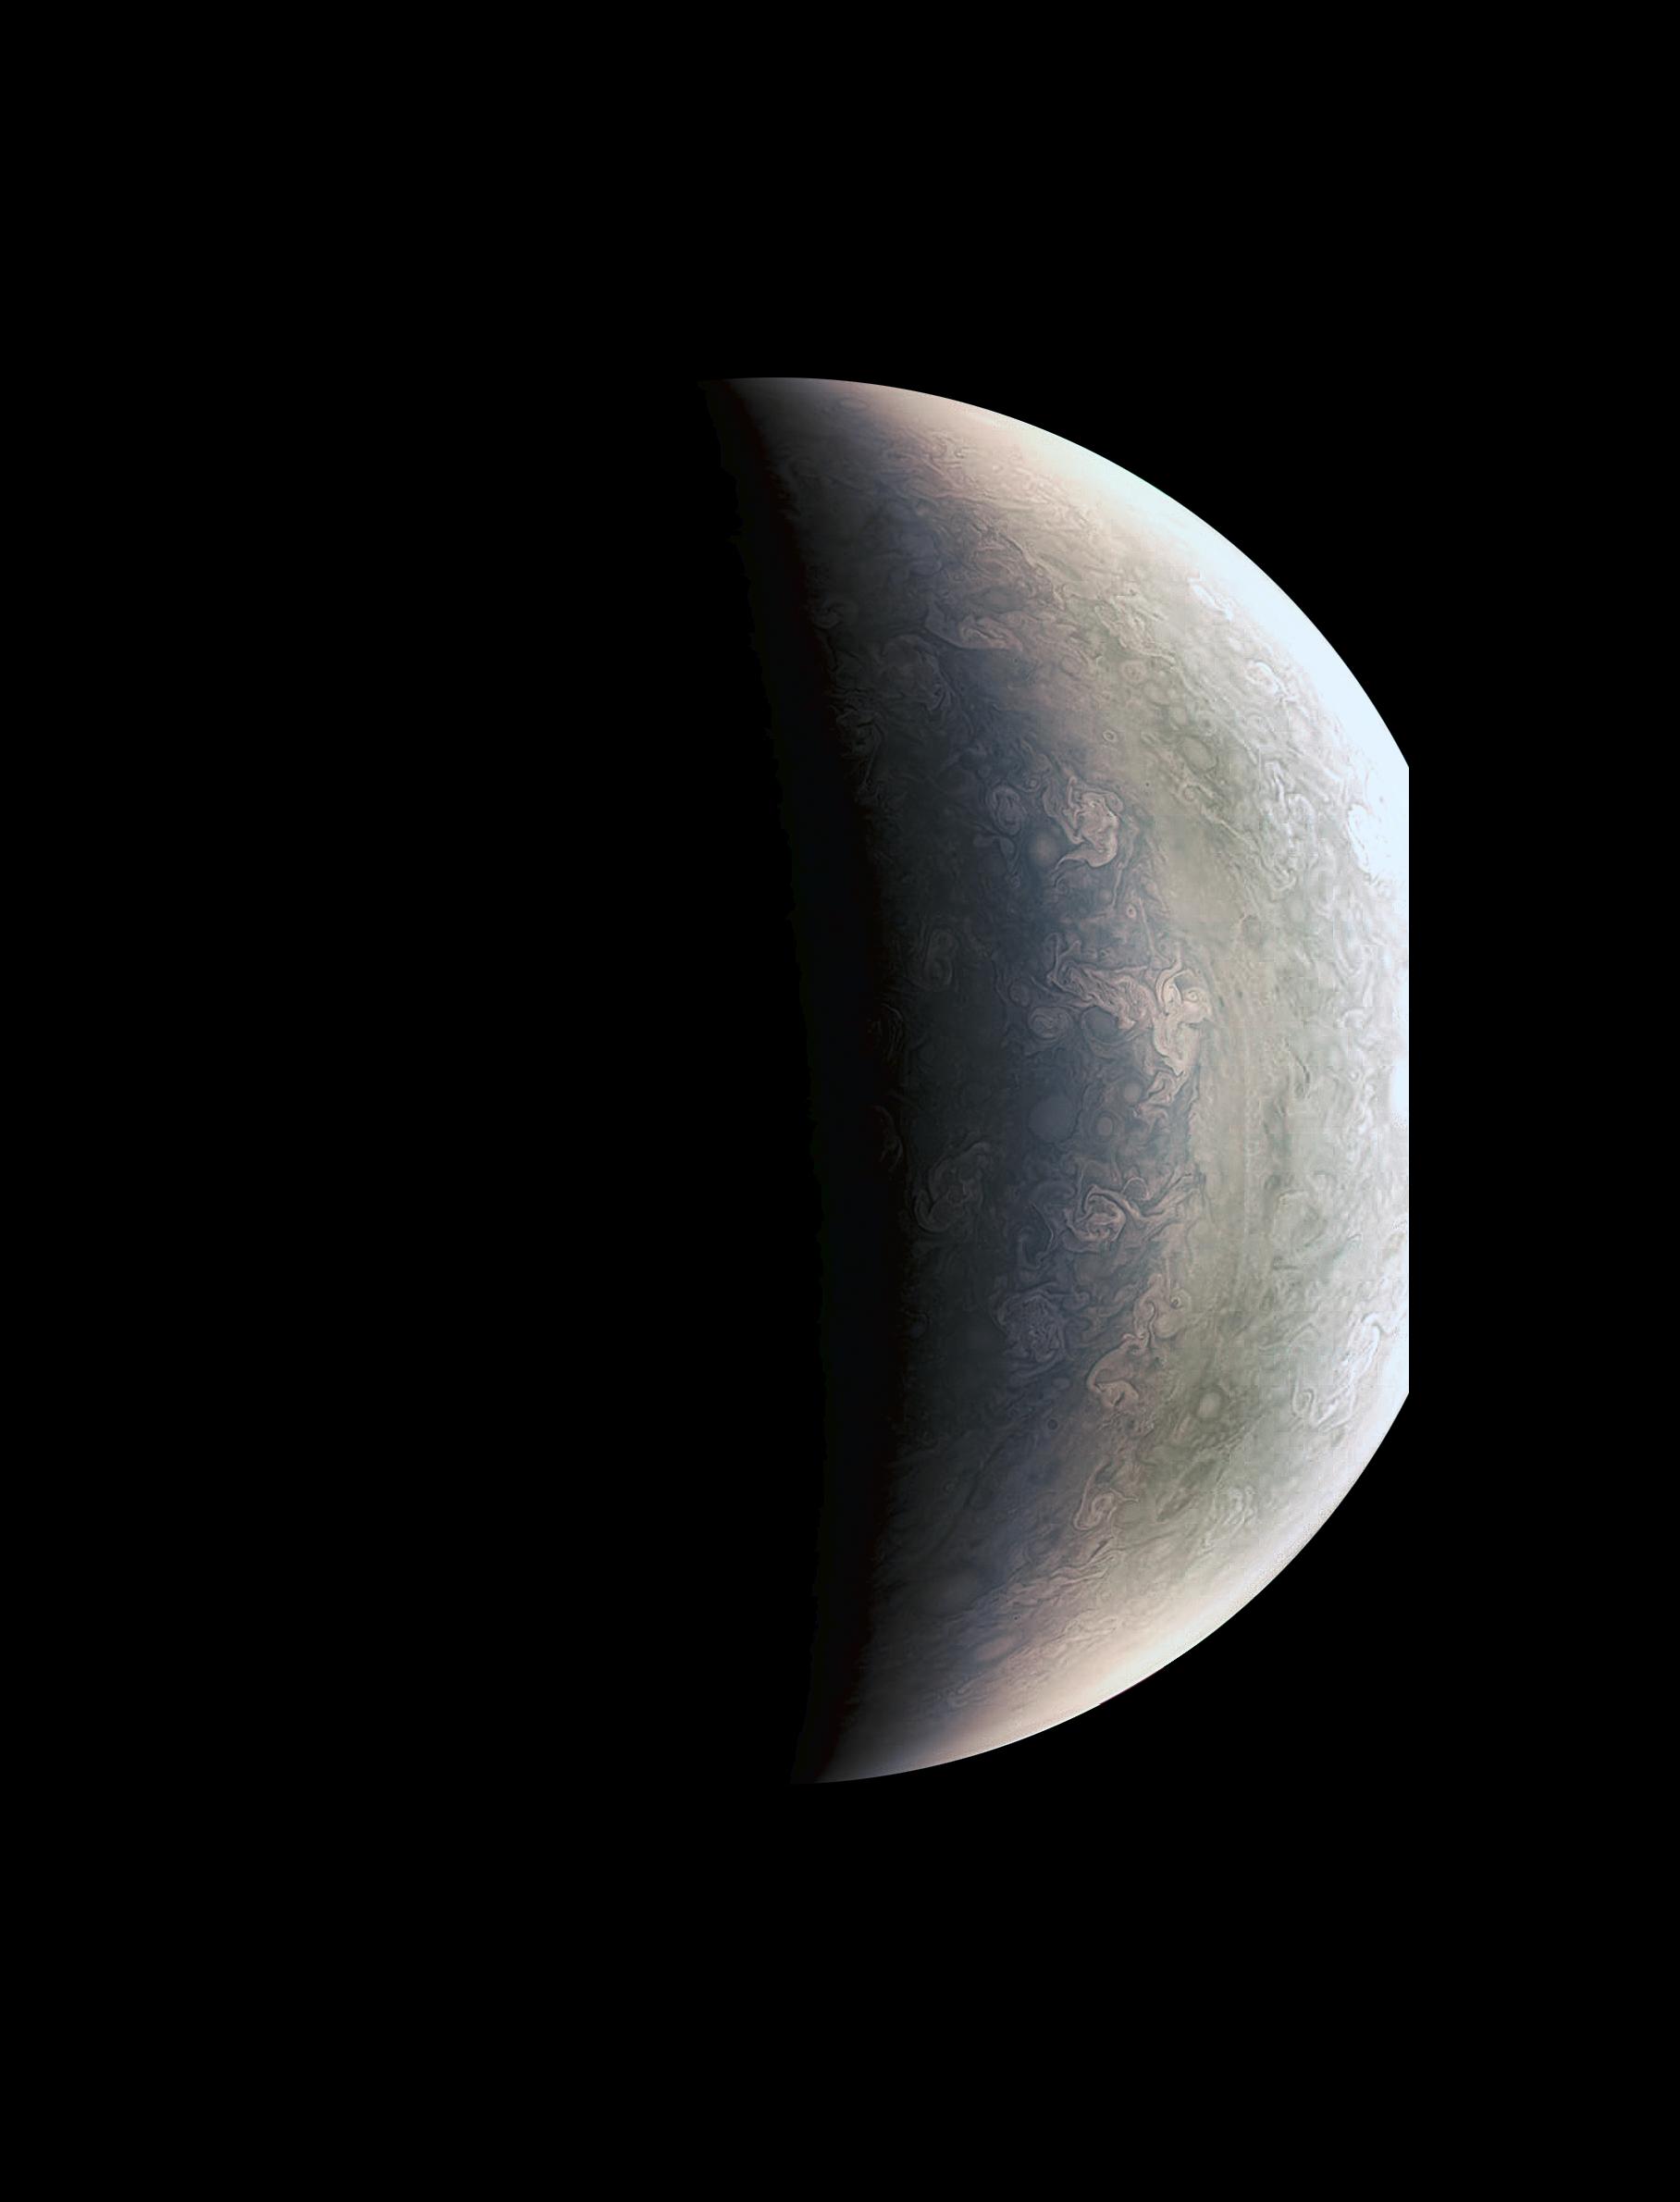 Eine Nahaufnahme des Planeten Jupiters , durch die Raumsonde Juno. Man siehtdie Muster, die Gase in der Athmosspähre eines Gasriesen hinterlassen.